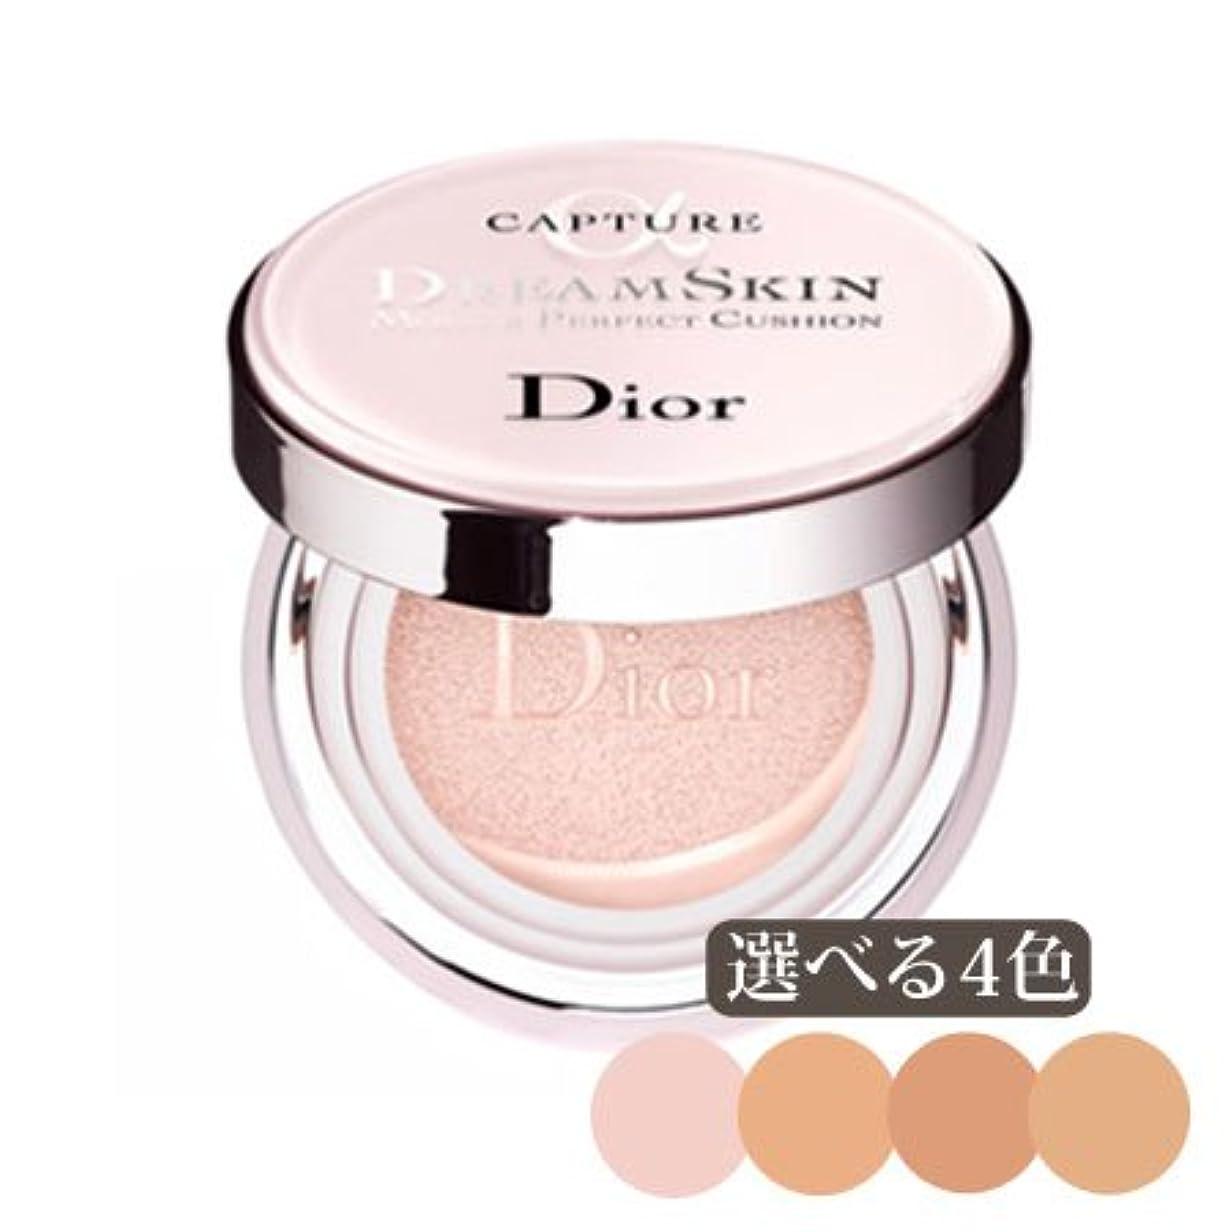 召喚するふけるほのかディオール カプチュール ドリームスキン モイスト クッション 選べる4色 -Dior- 010